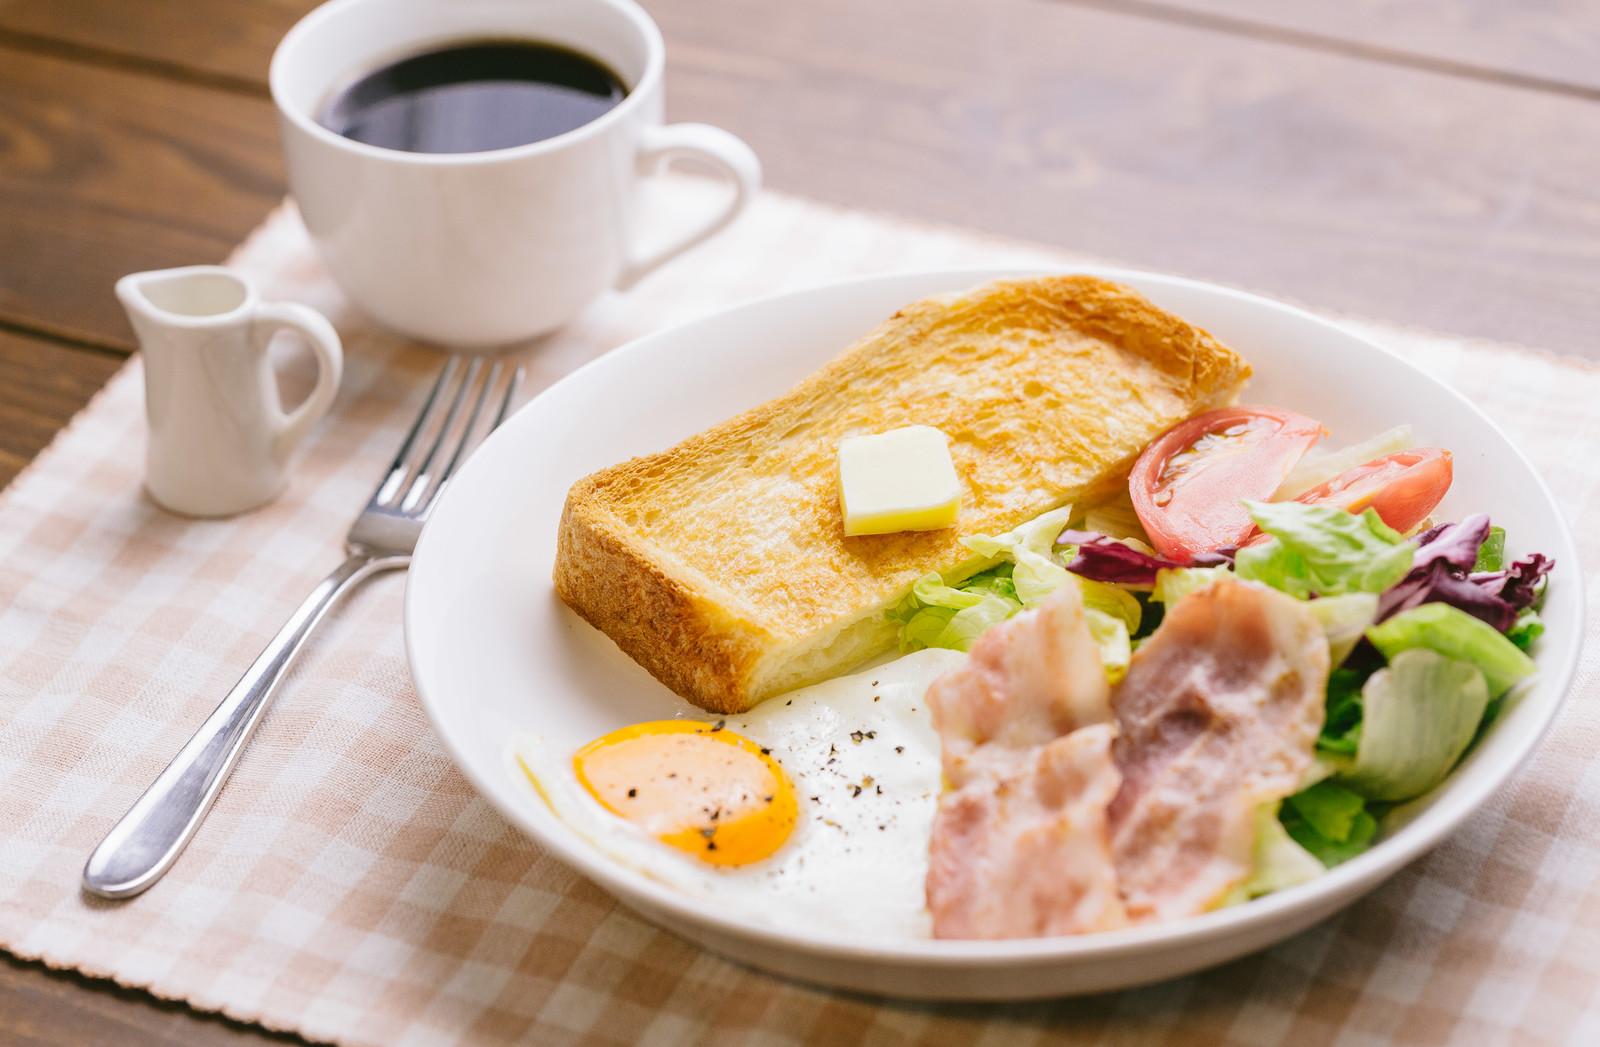 池袋のおすすめモーニングは?朝食が人気のカフェ・ビュッフェまとめ!